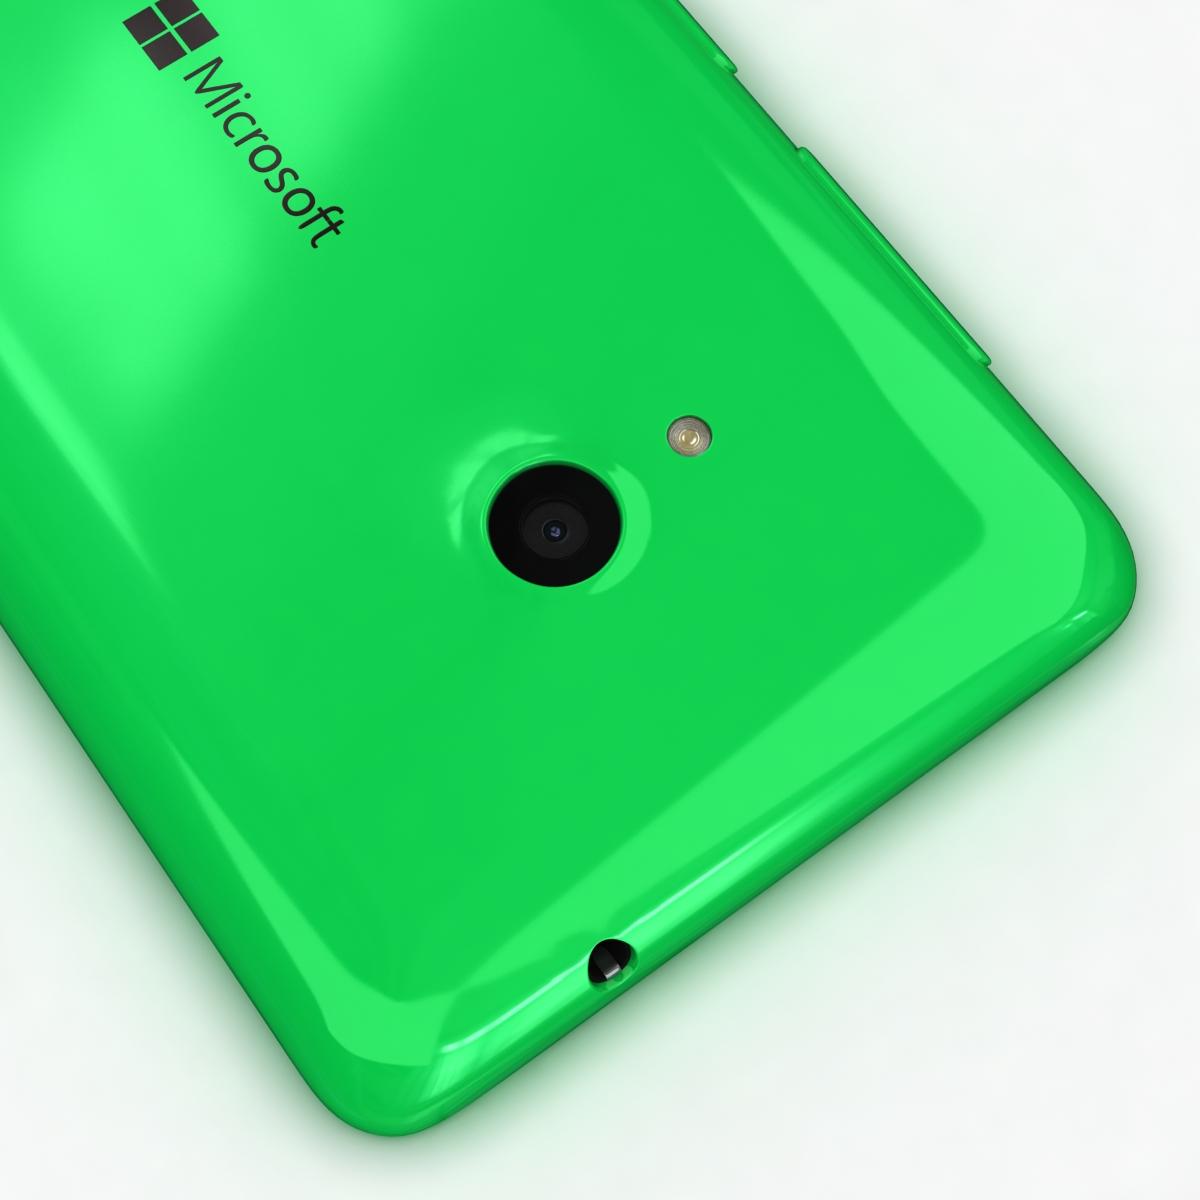 microsoft lumia 535 and dual sim all colors 3d model 3ds max fbx c4d obj 204674